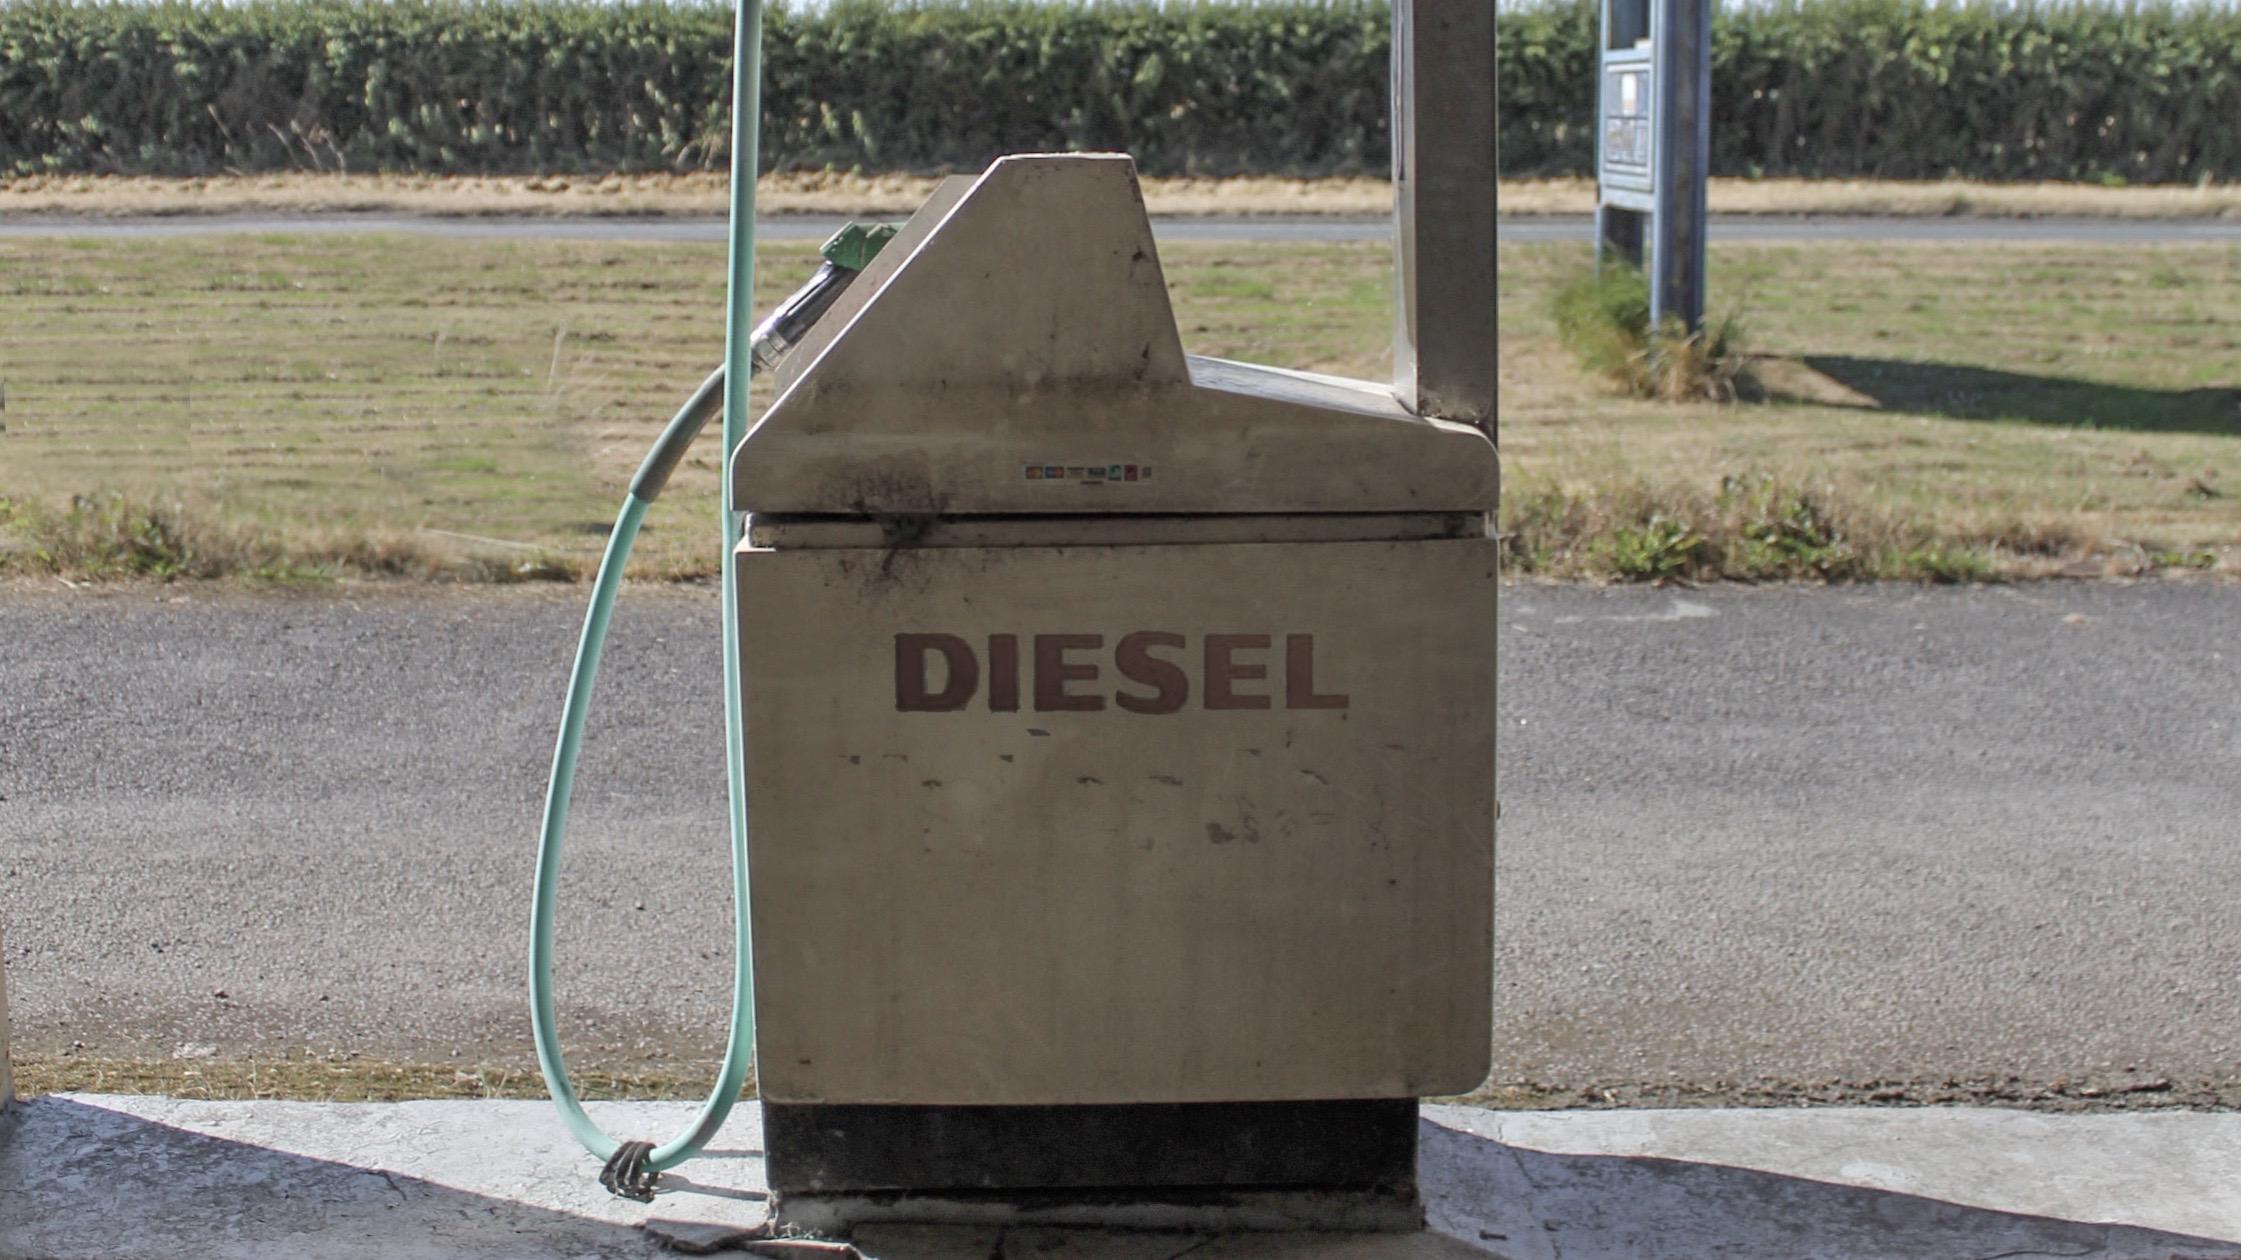 Diesel benzine station